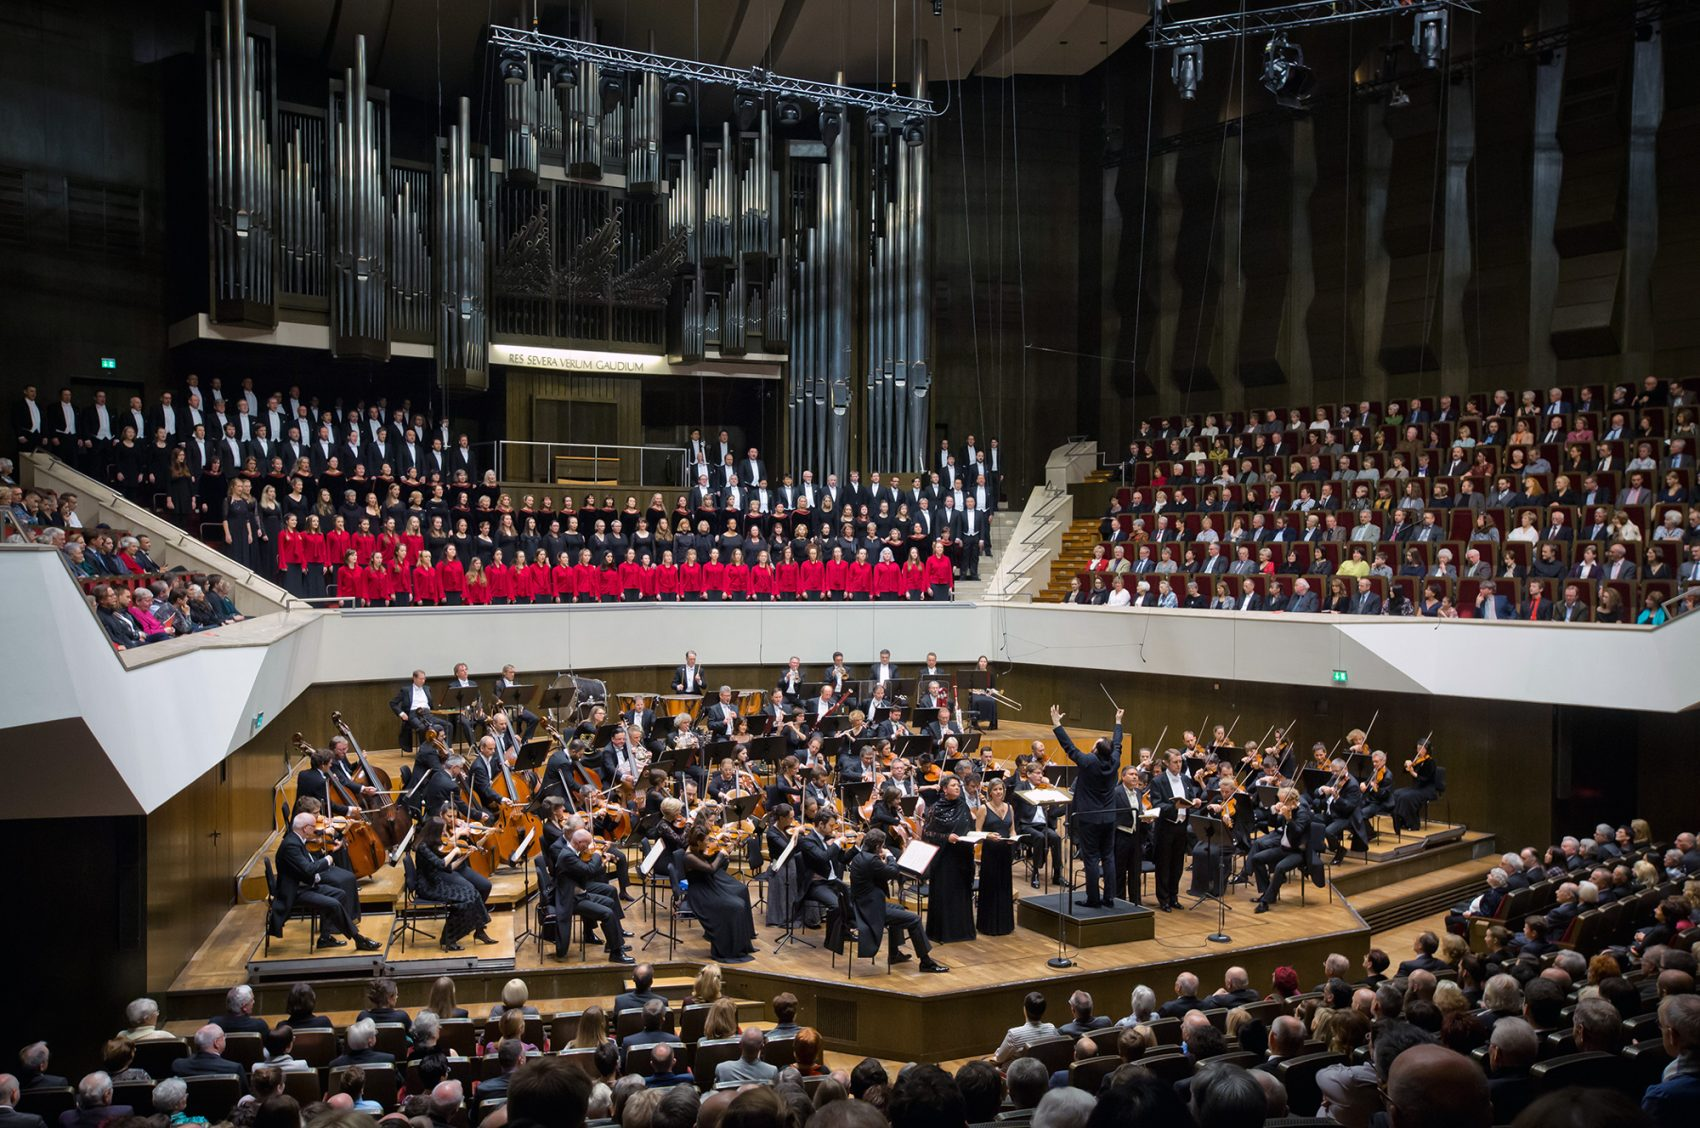 gewandhausorchester-leipzig-climatech